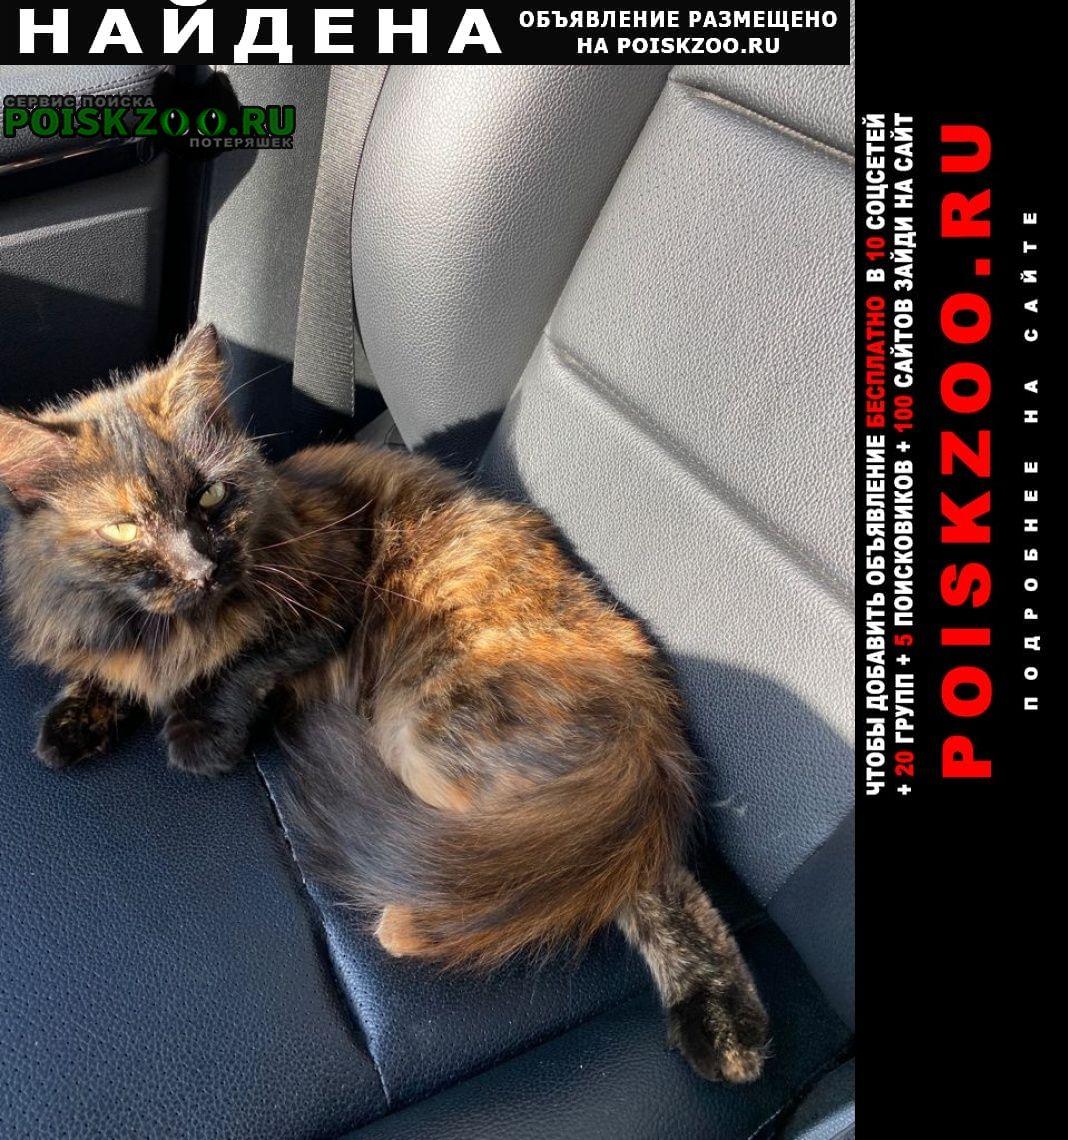 Найдена кошка черепахового окраса Мытищи